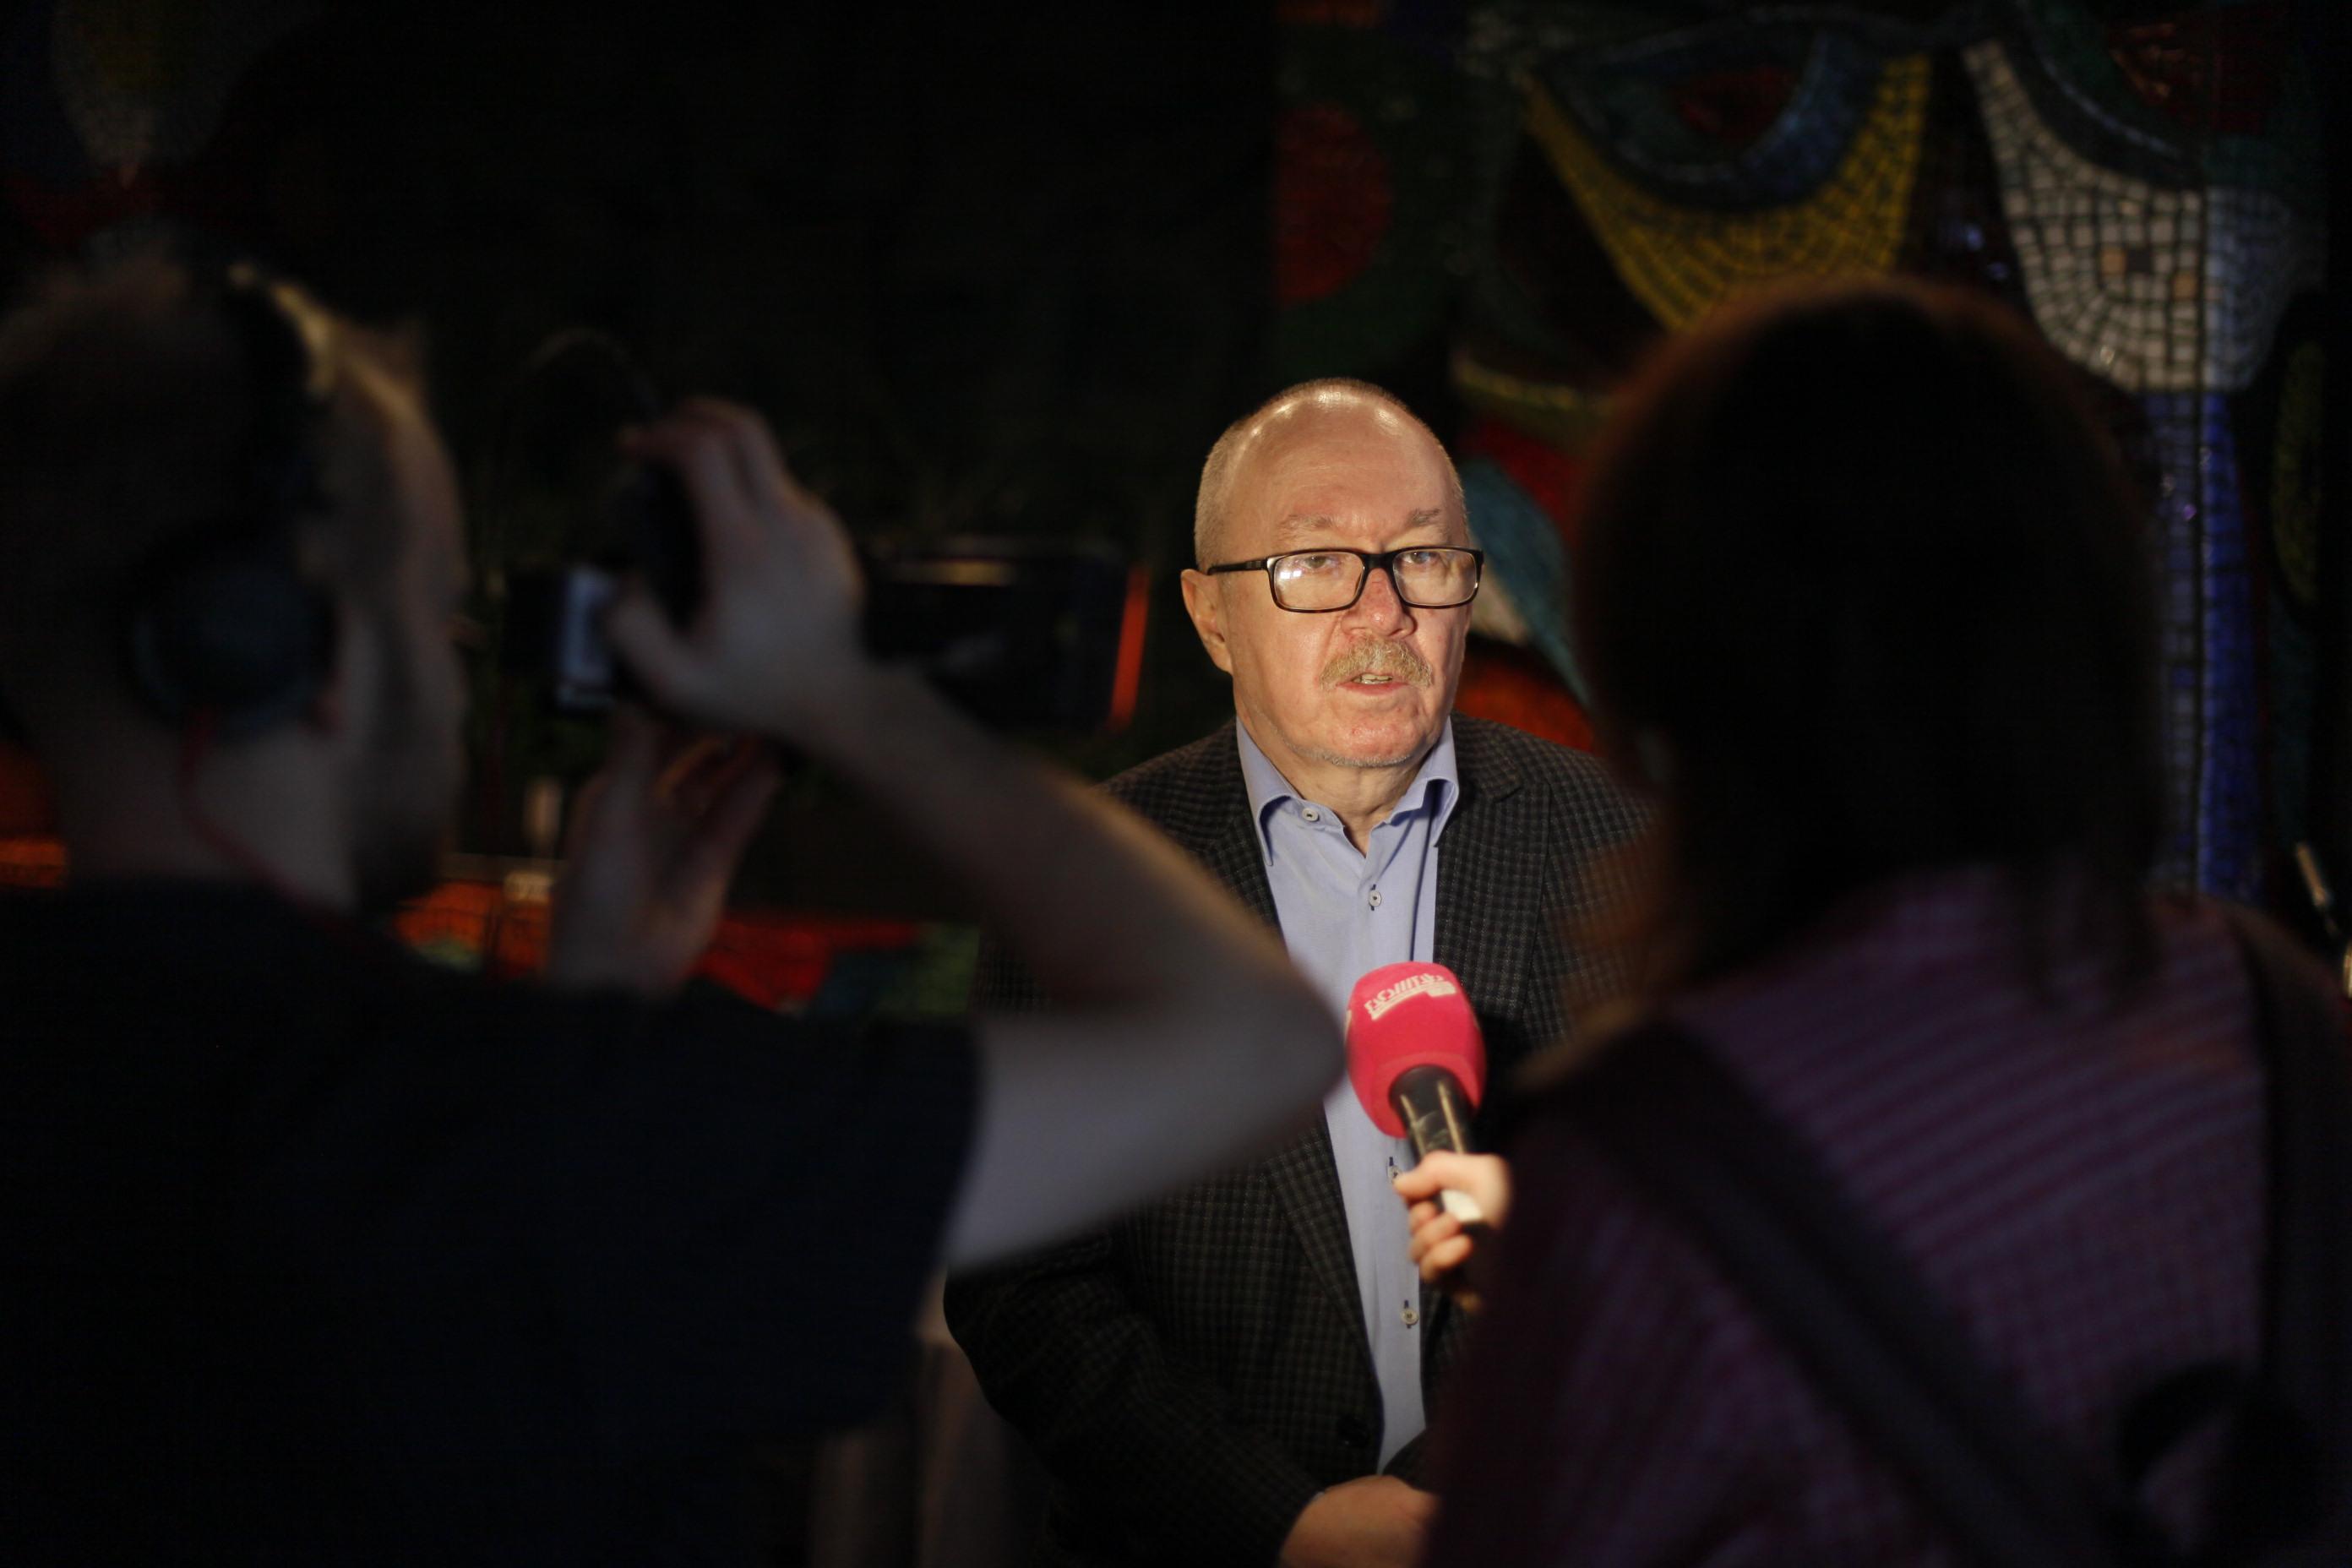 Фонд «Либеральная миссия» объявил о запуске новой публицистической премии